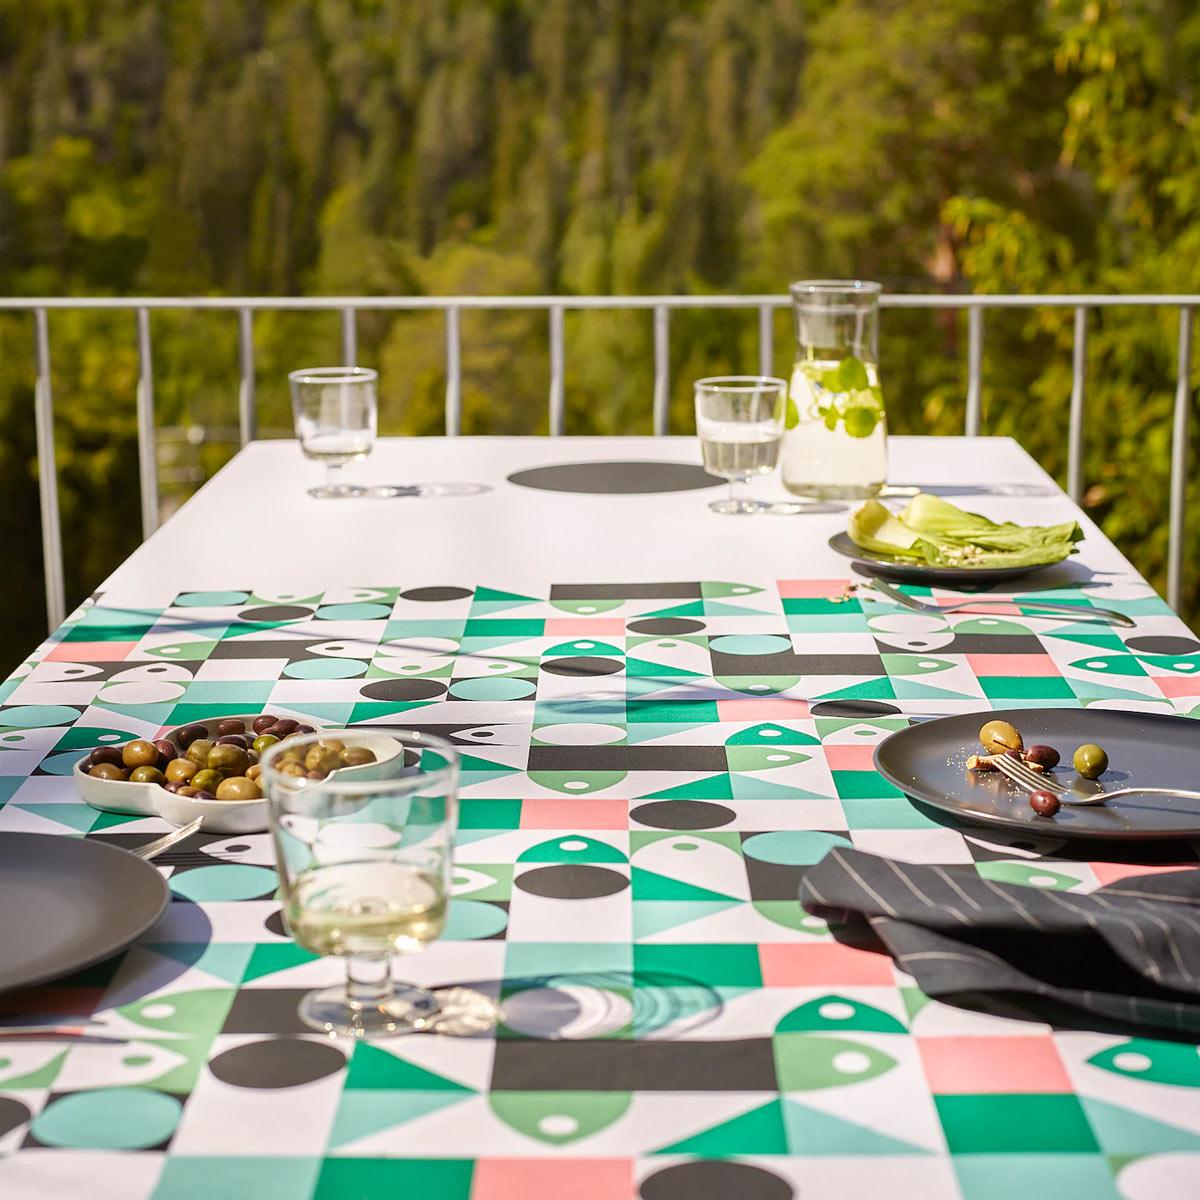 la nuova tovaglia MUSSELBLOMMA, catalogo Primavera IKEA